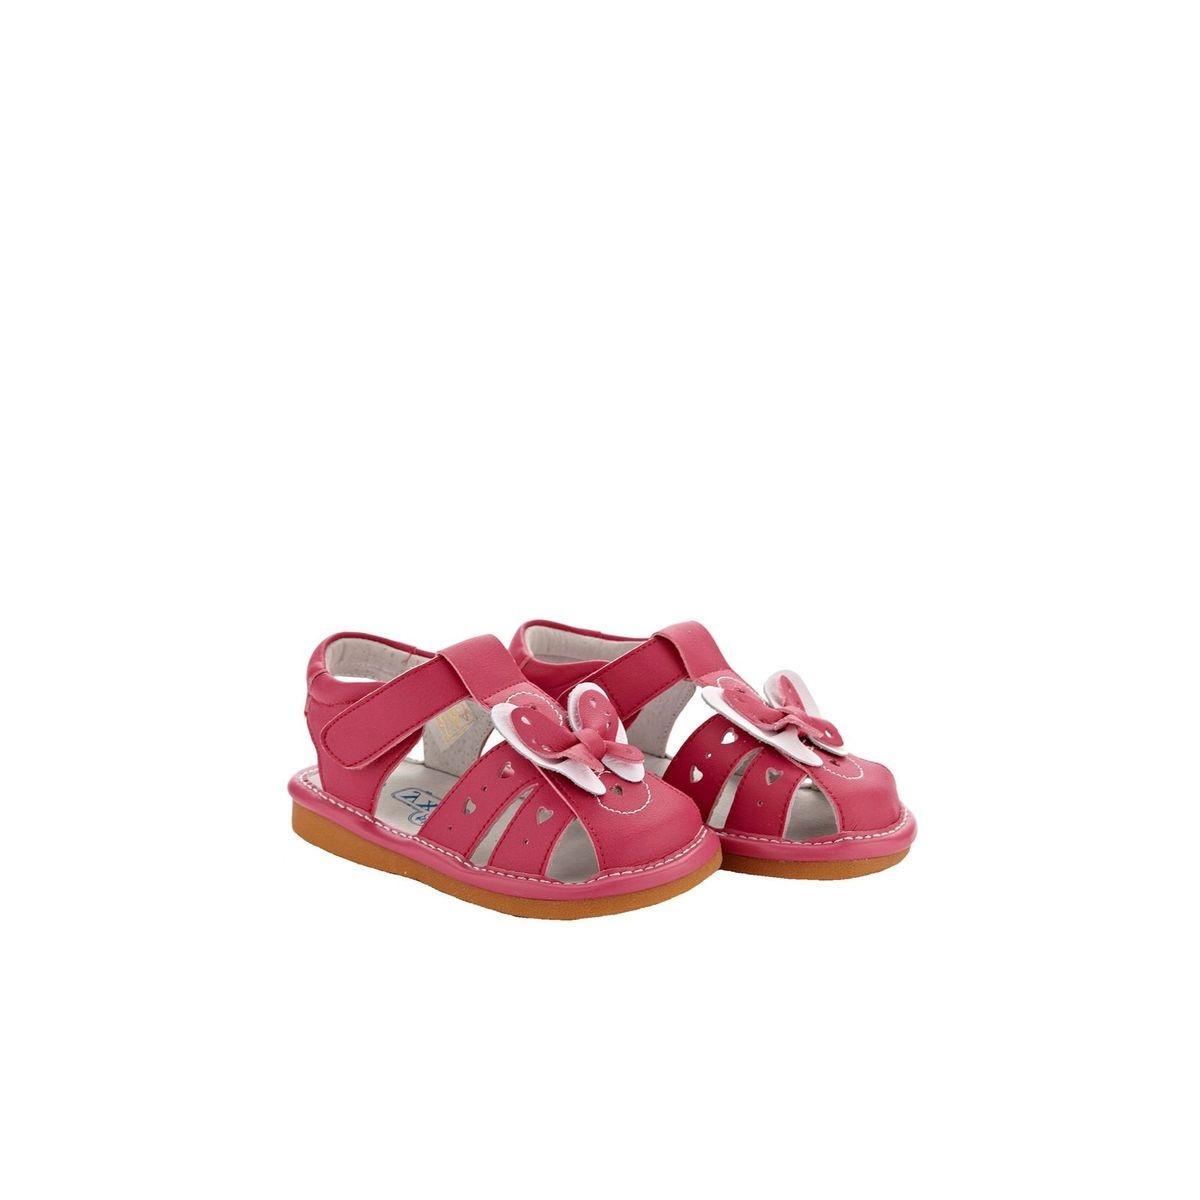 Chaussures semelle souple Sandales